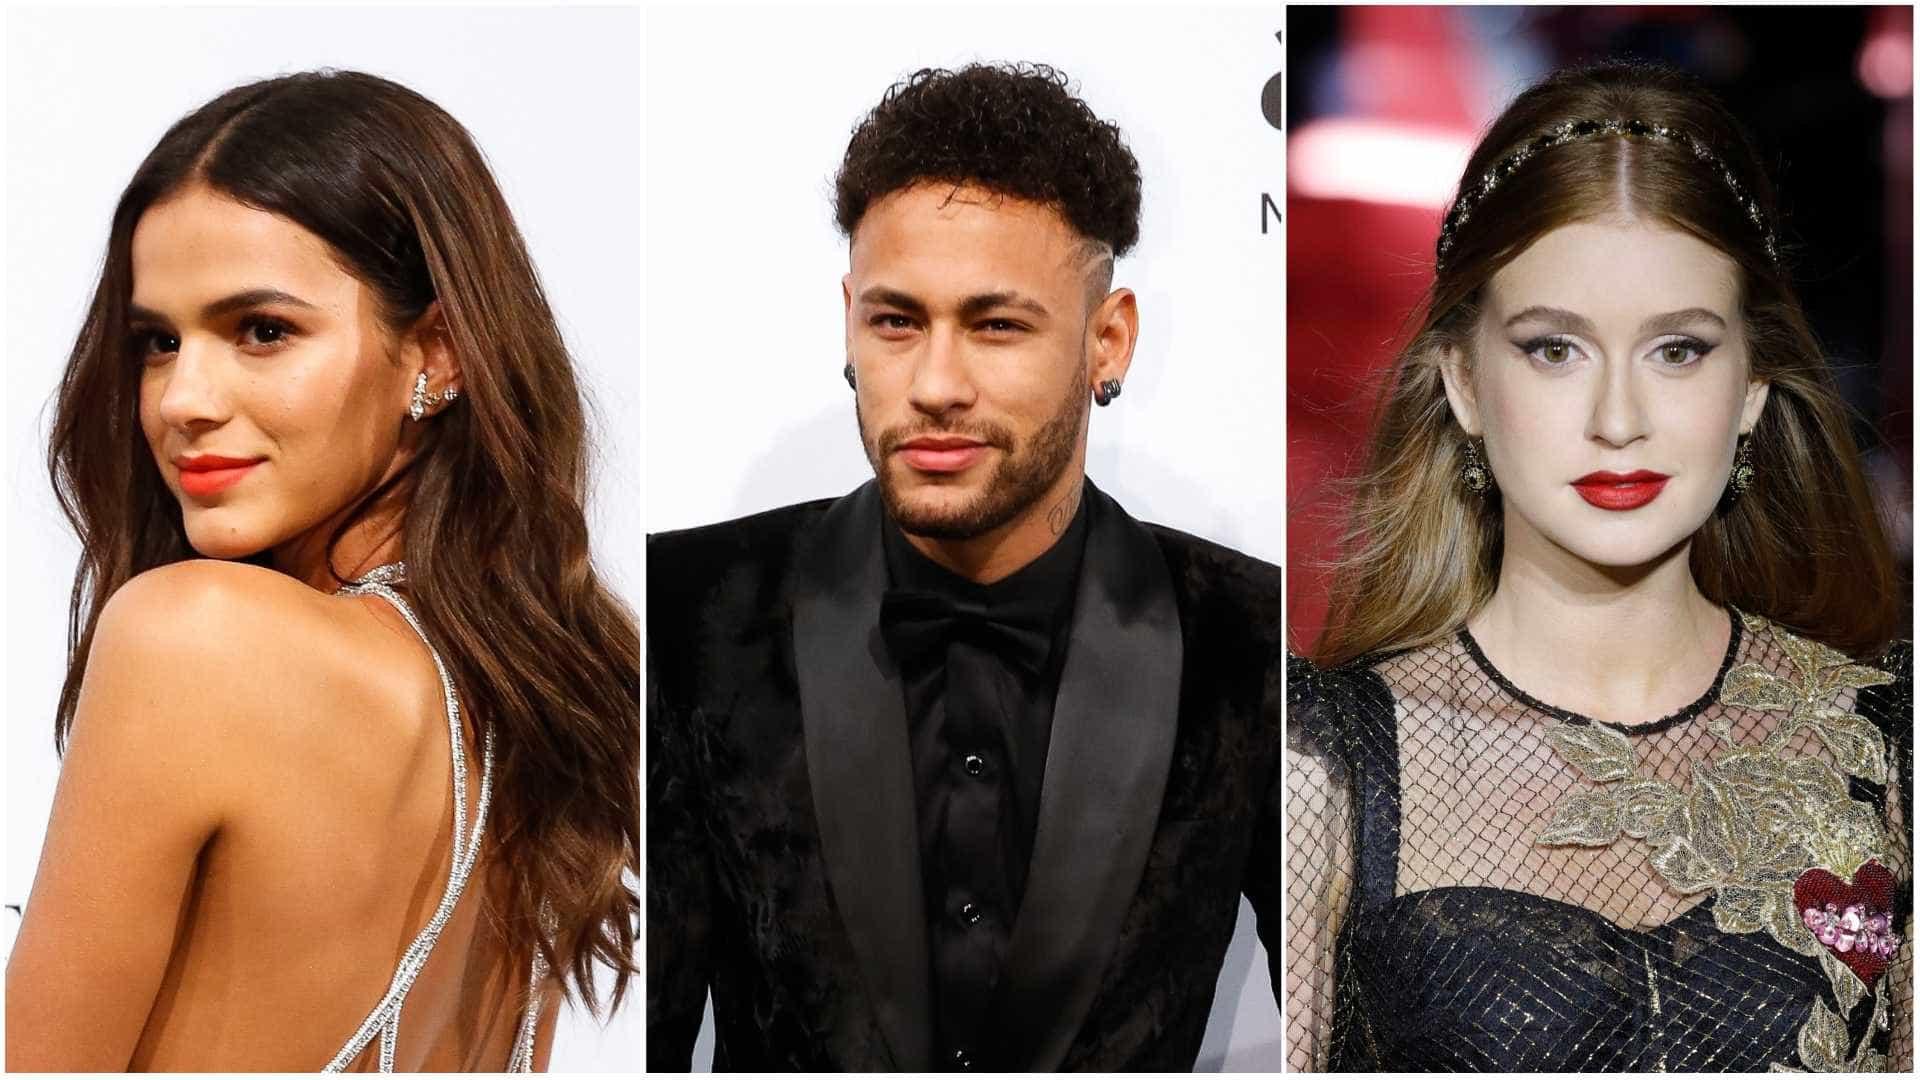 Saiba quem são os 10 famosos brasileiros mais populares no Instagram